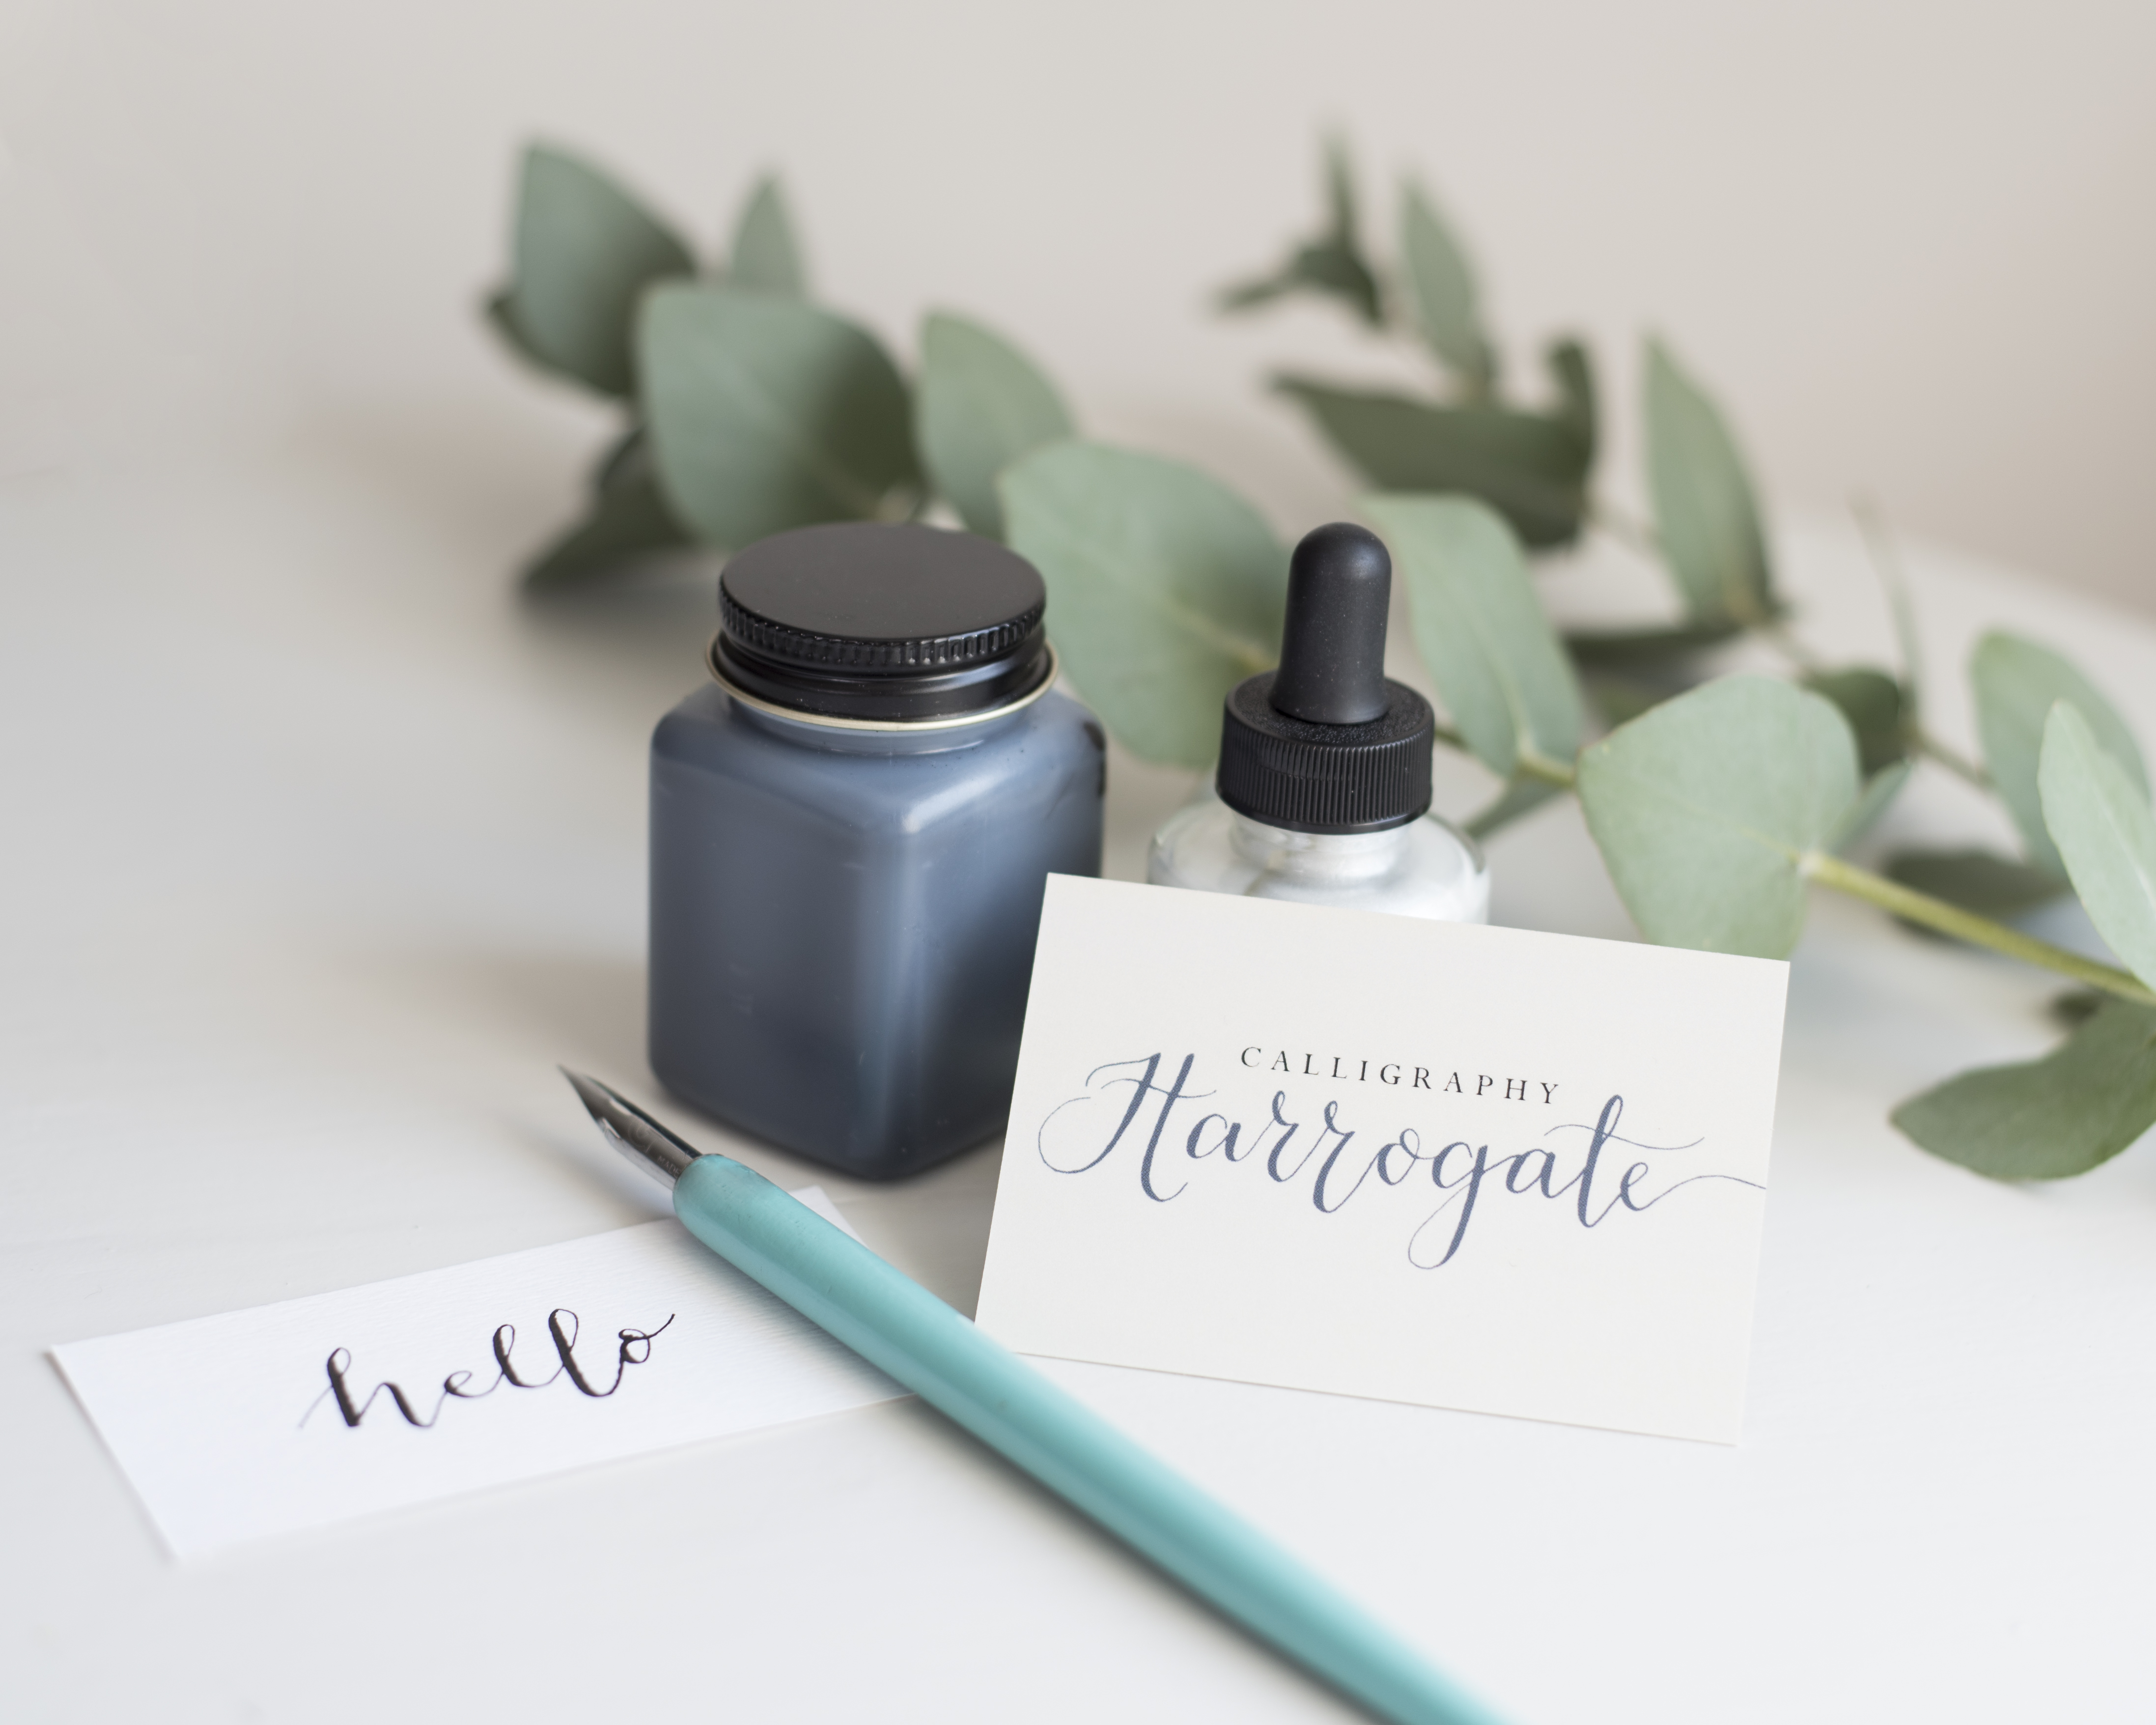 Workshops - calligraphyharrogate co uk